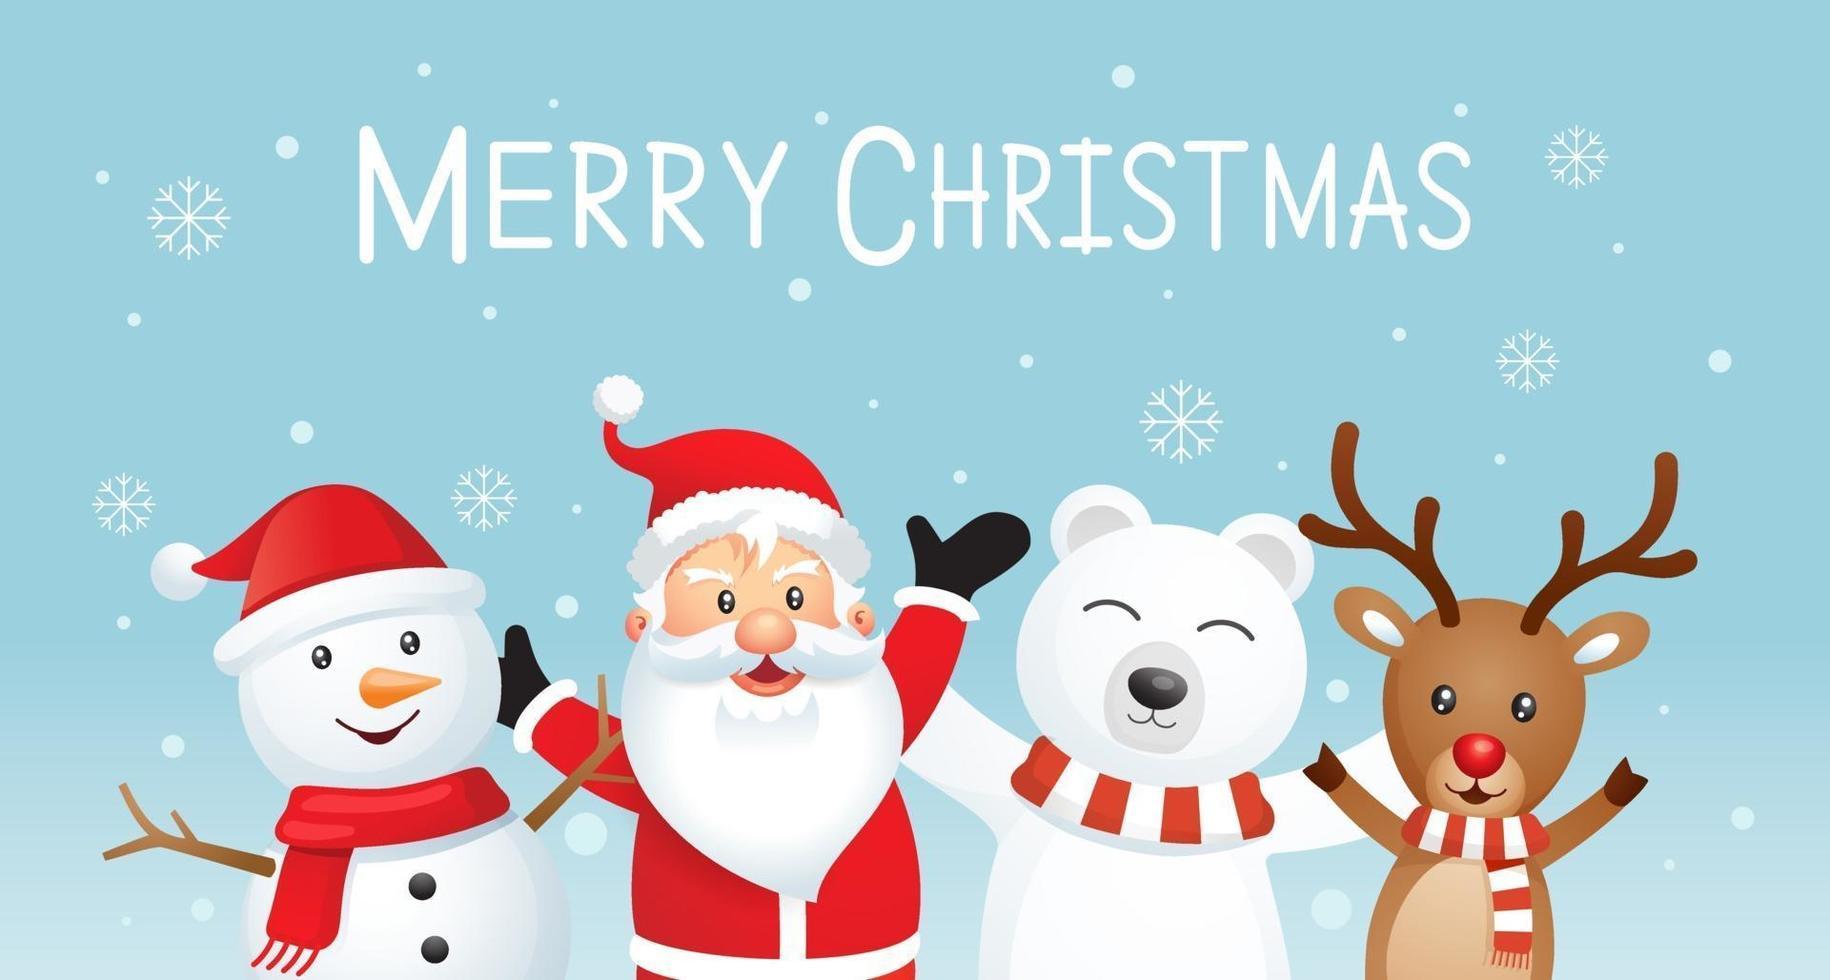 joyeux noël et bonne année fond. père noël et amis sur illustration vectorielle de couleur bleue. vecteur